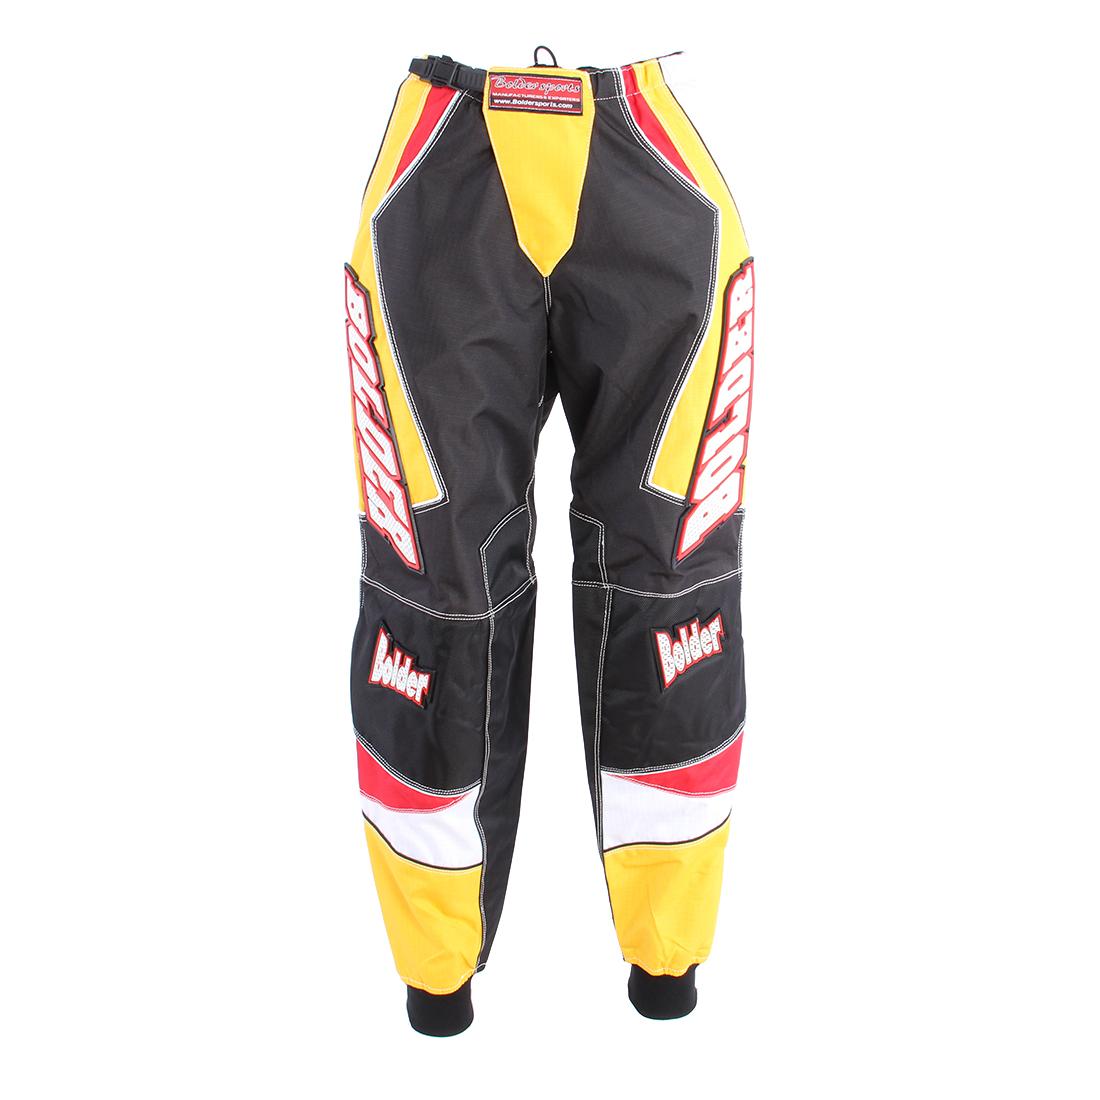 Kalhoty Motocross - Velikost: 40